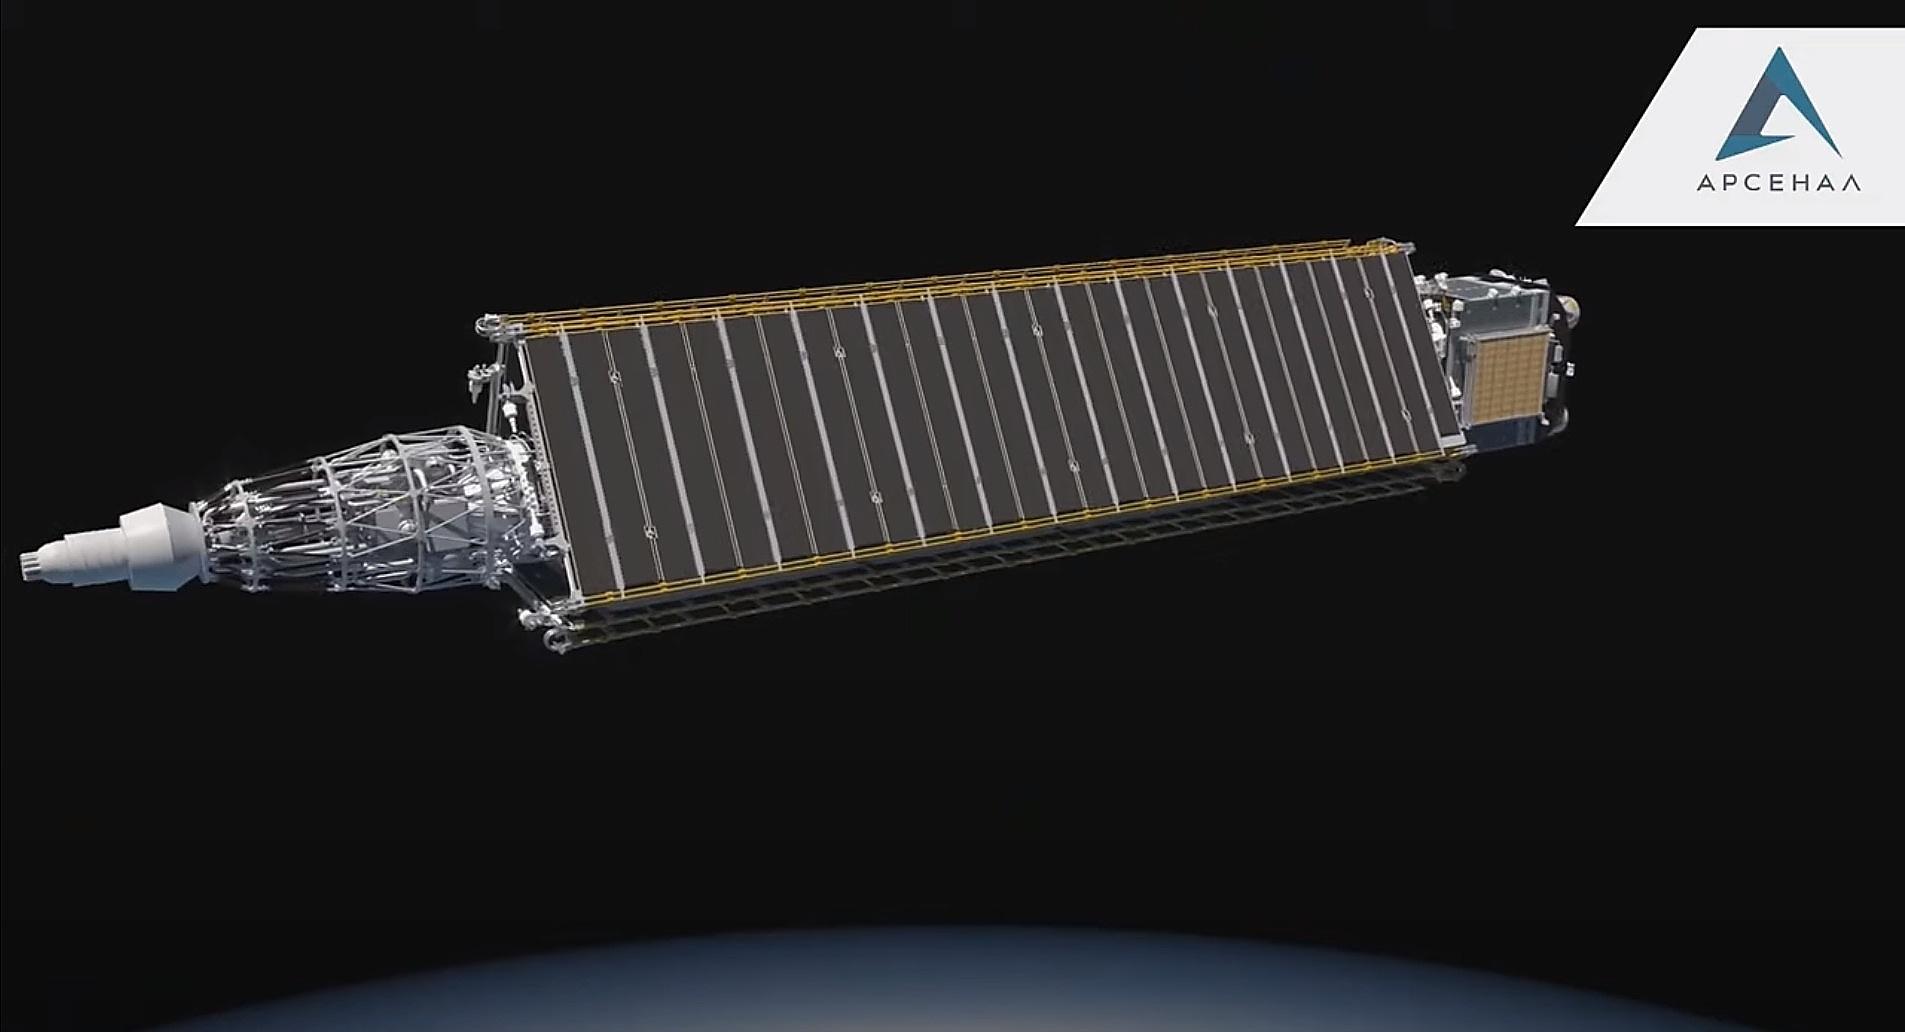 jaderná energie - Projekt jaderné kosmické lodě Nuklon má za sebou zkoušky jednotlivých součástí - Jádro ve vesmíru (Vizualizace transportního a energetického modulu Nuklon Zdroj KB Arsenal 2) 2